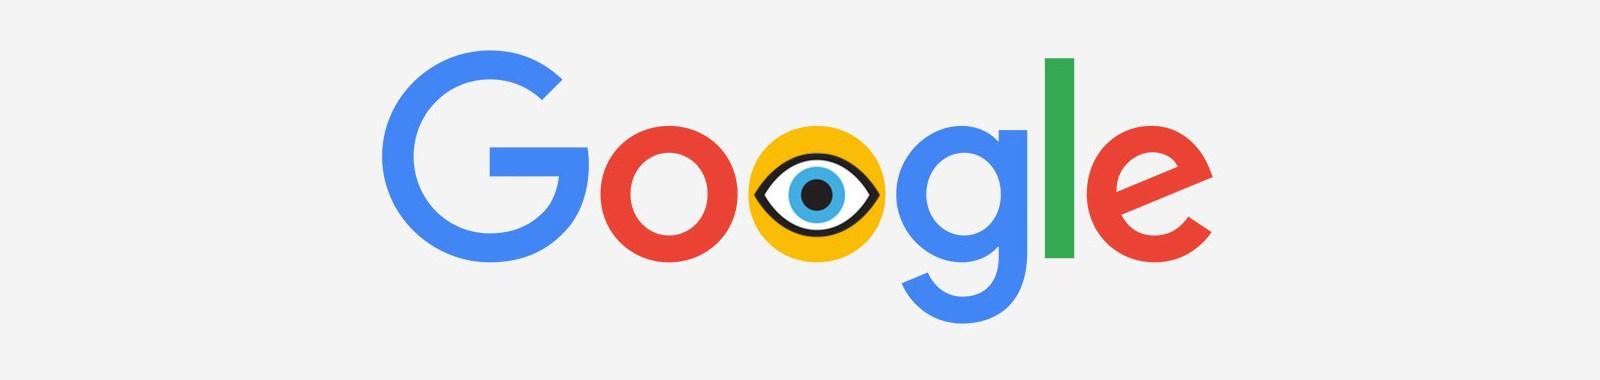 google-eye-eye